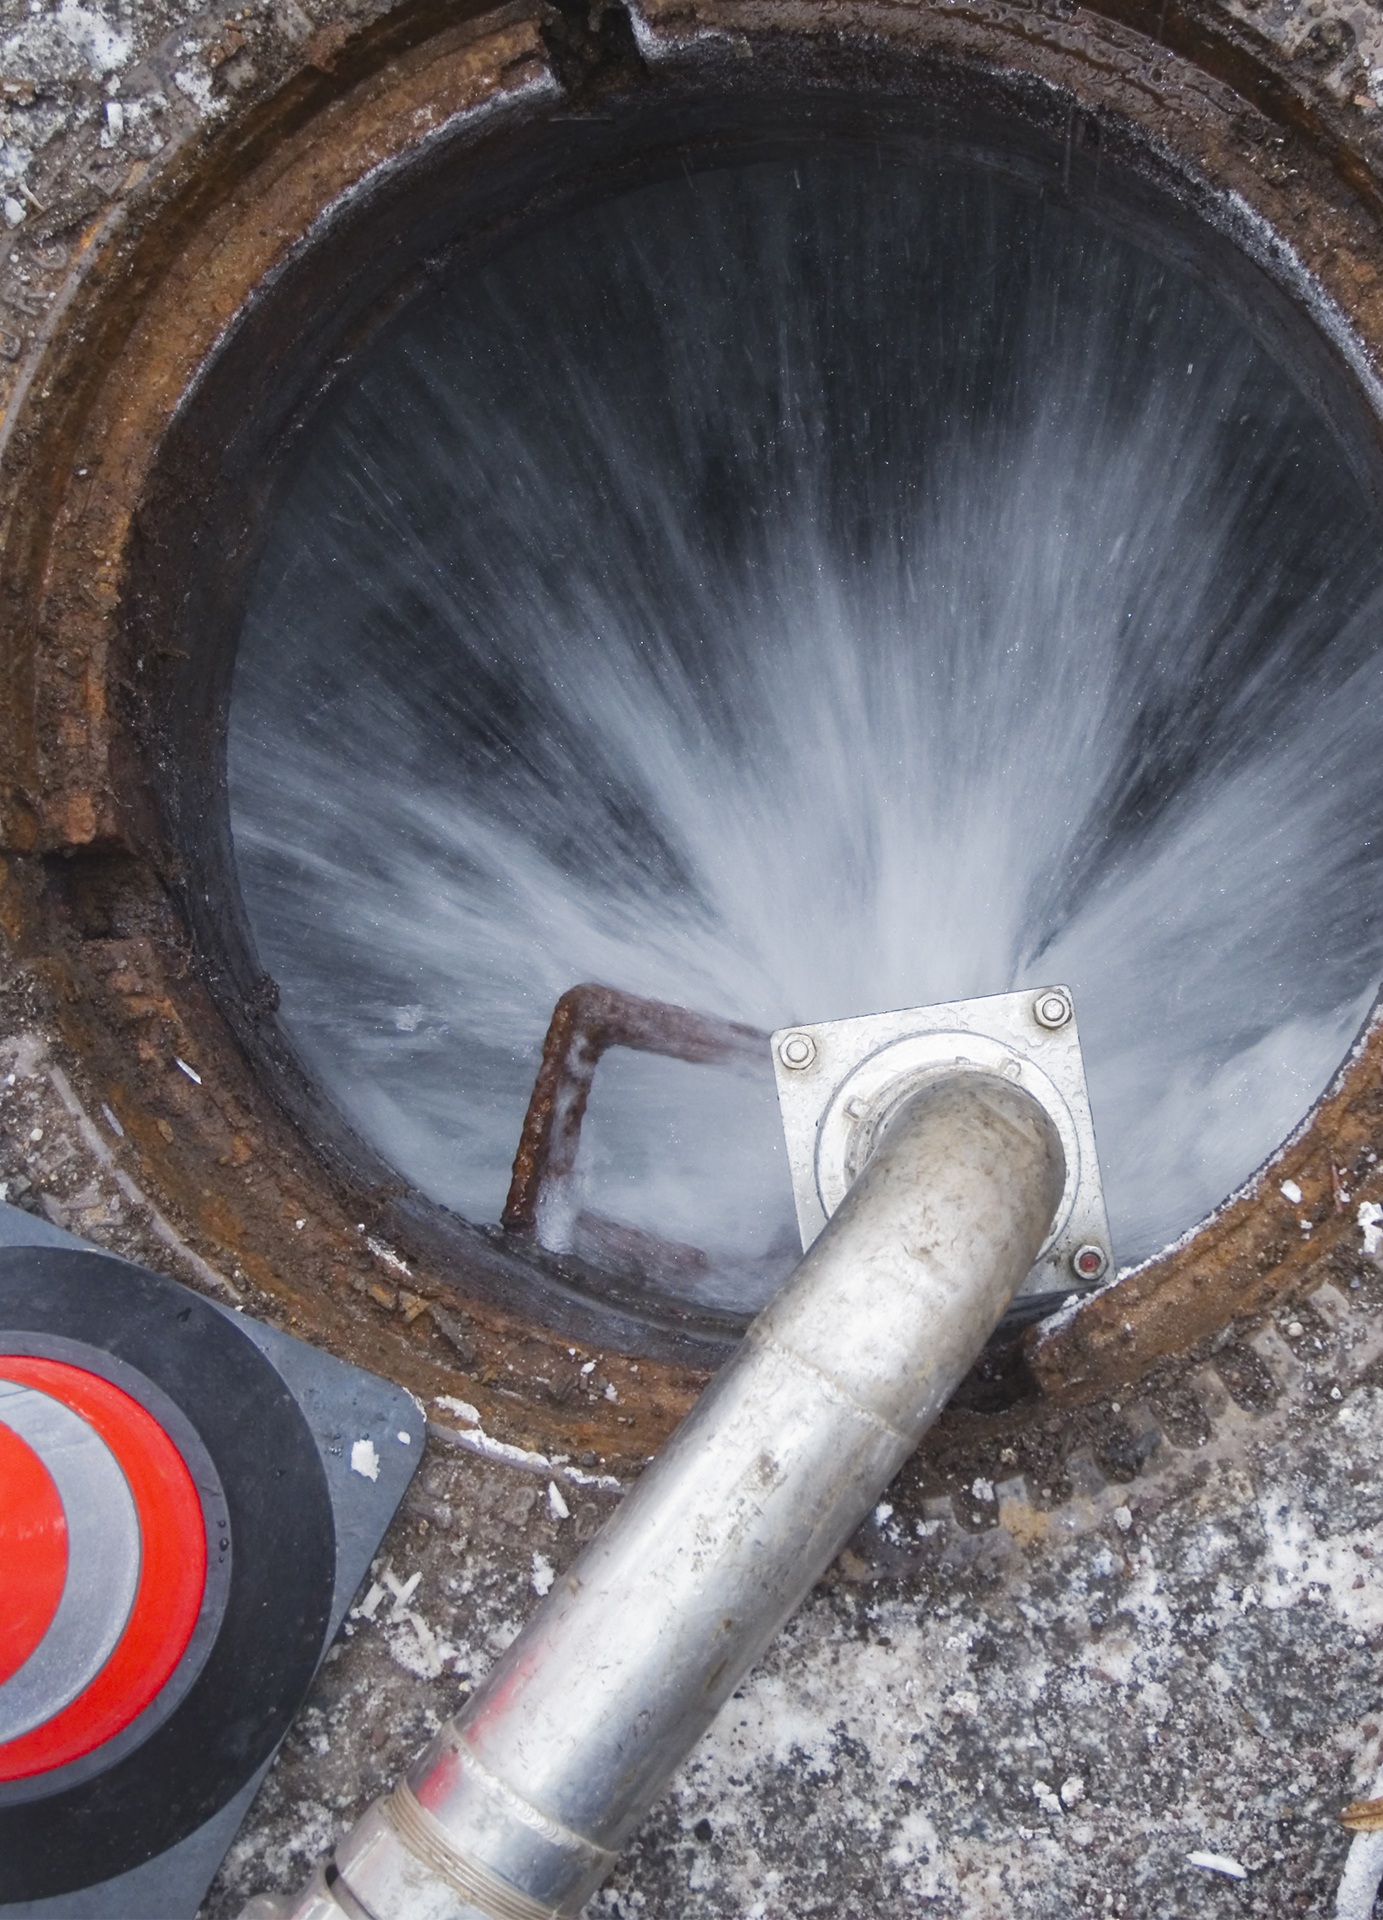 Abfluss verstopft, Kanalreinigung, Kanalsanierung, Rohrreinigung